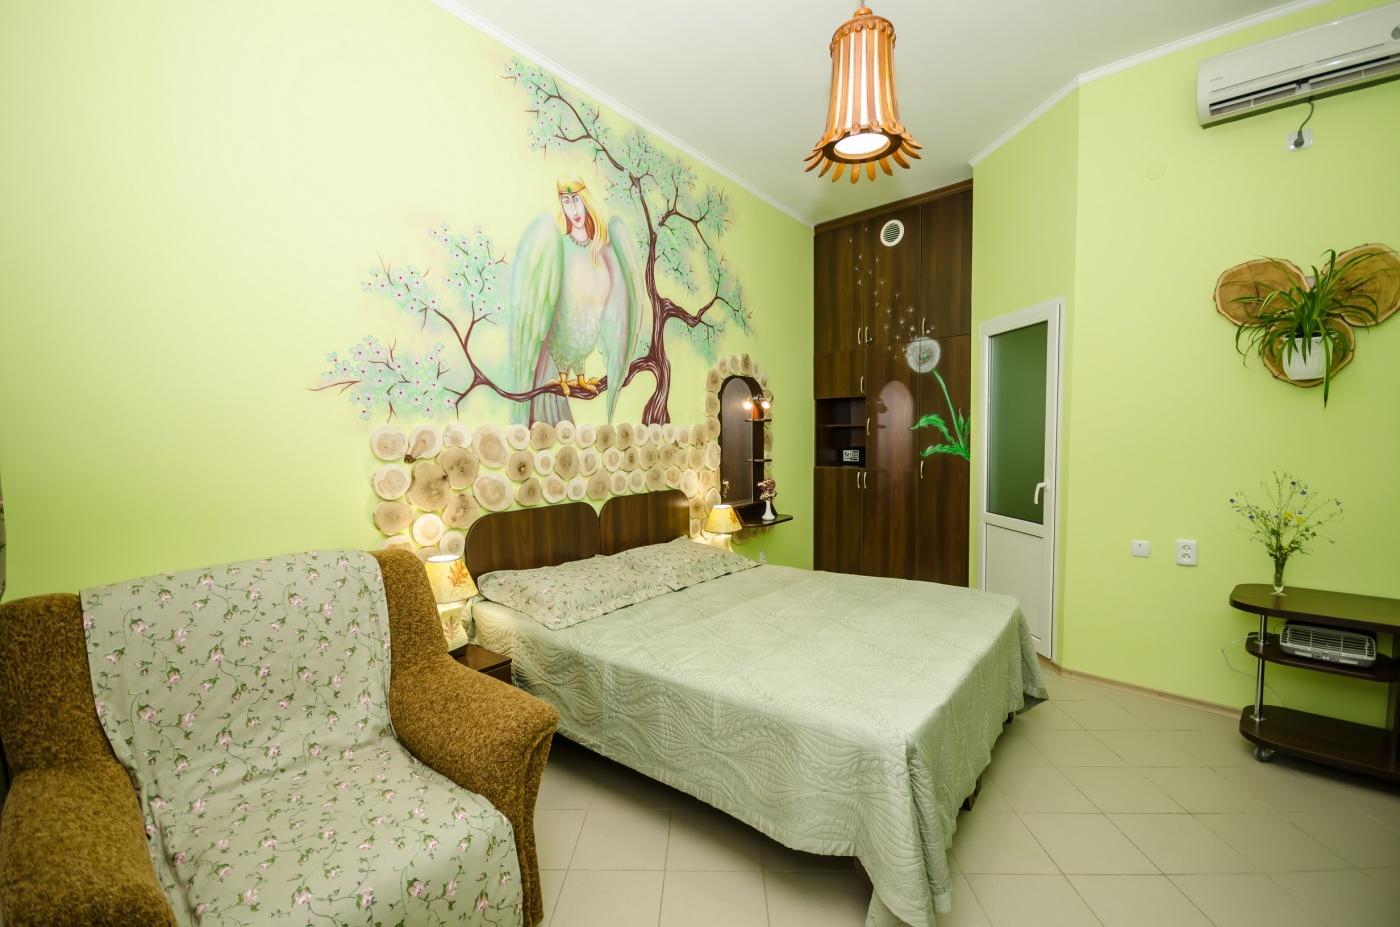 Гостевой дом «Гринвич» Республика Крым Стандарт в эко-стиле, фото 4